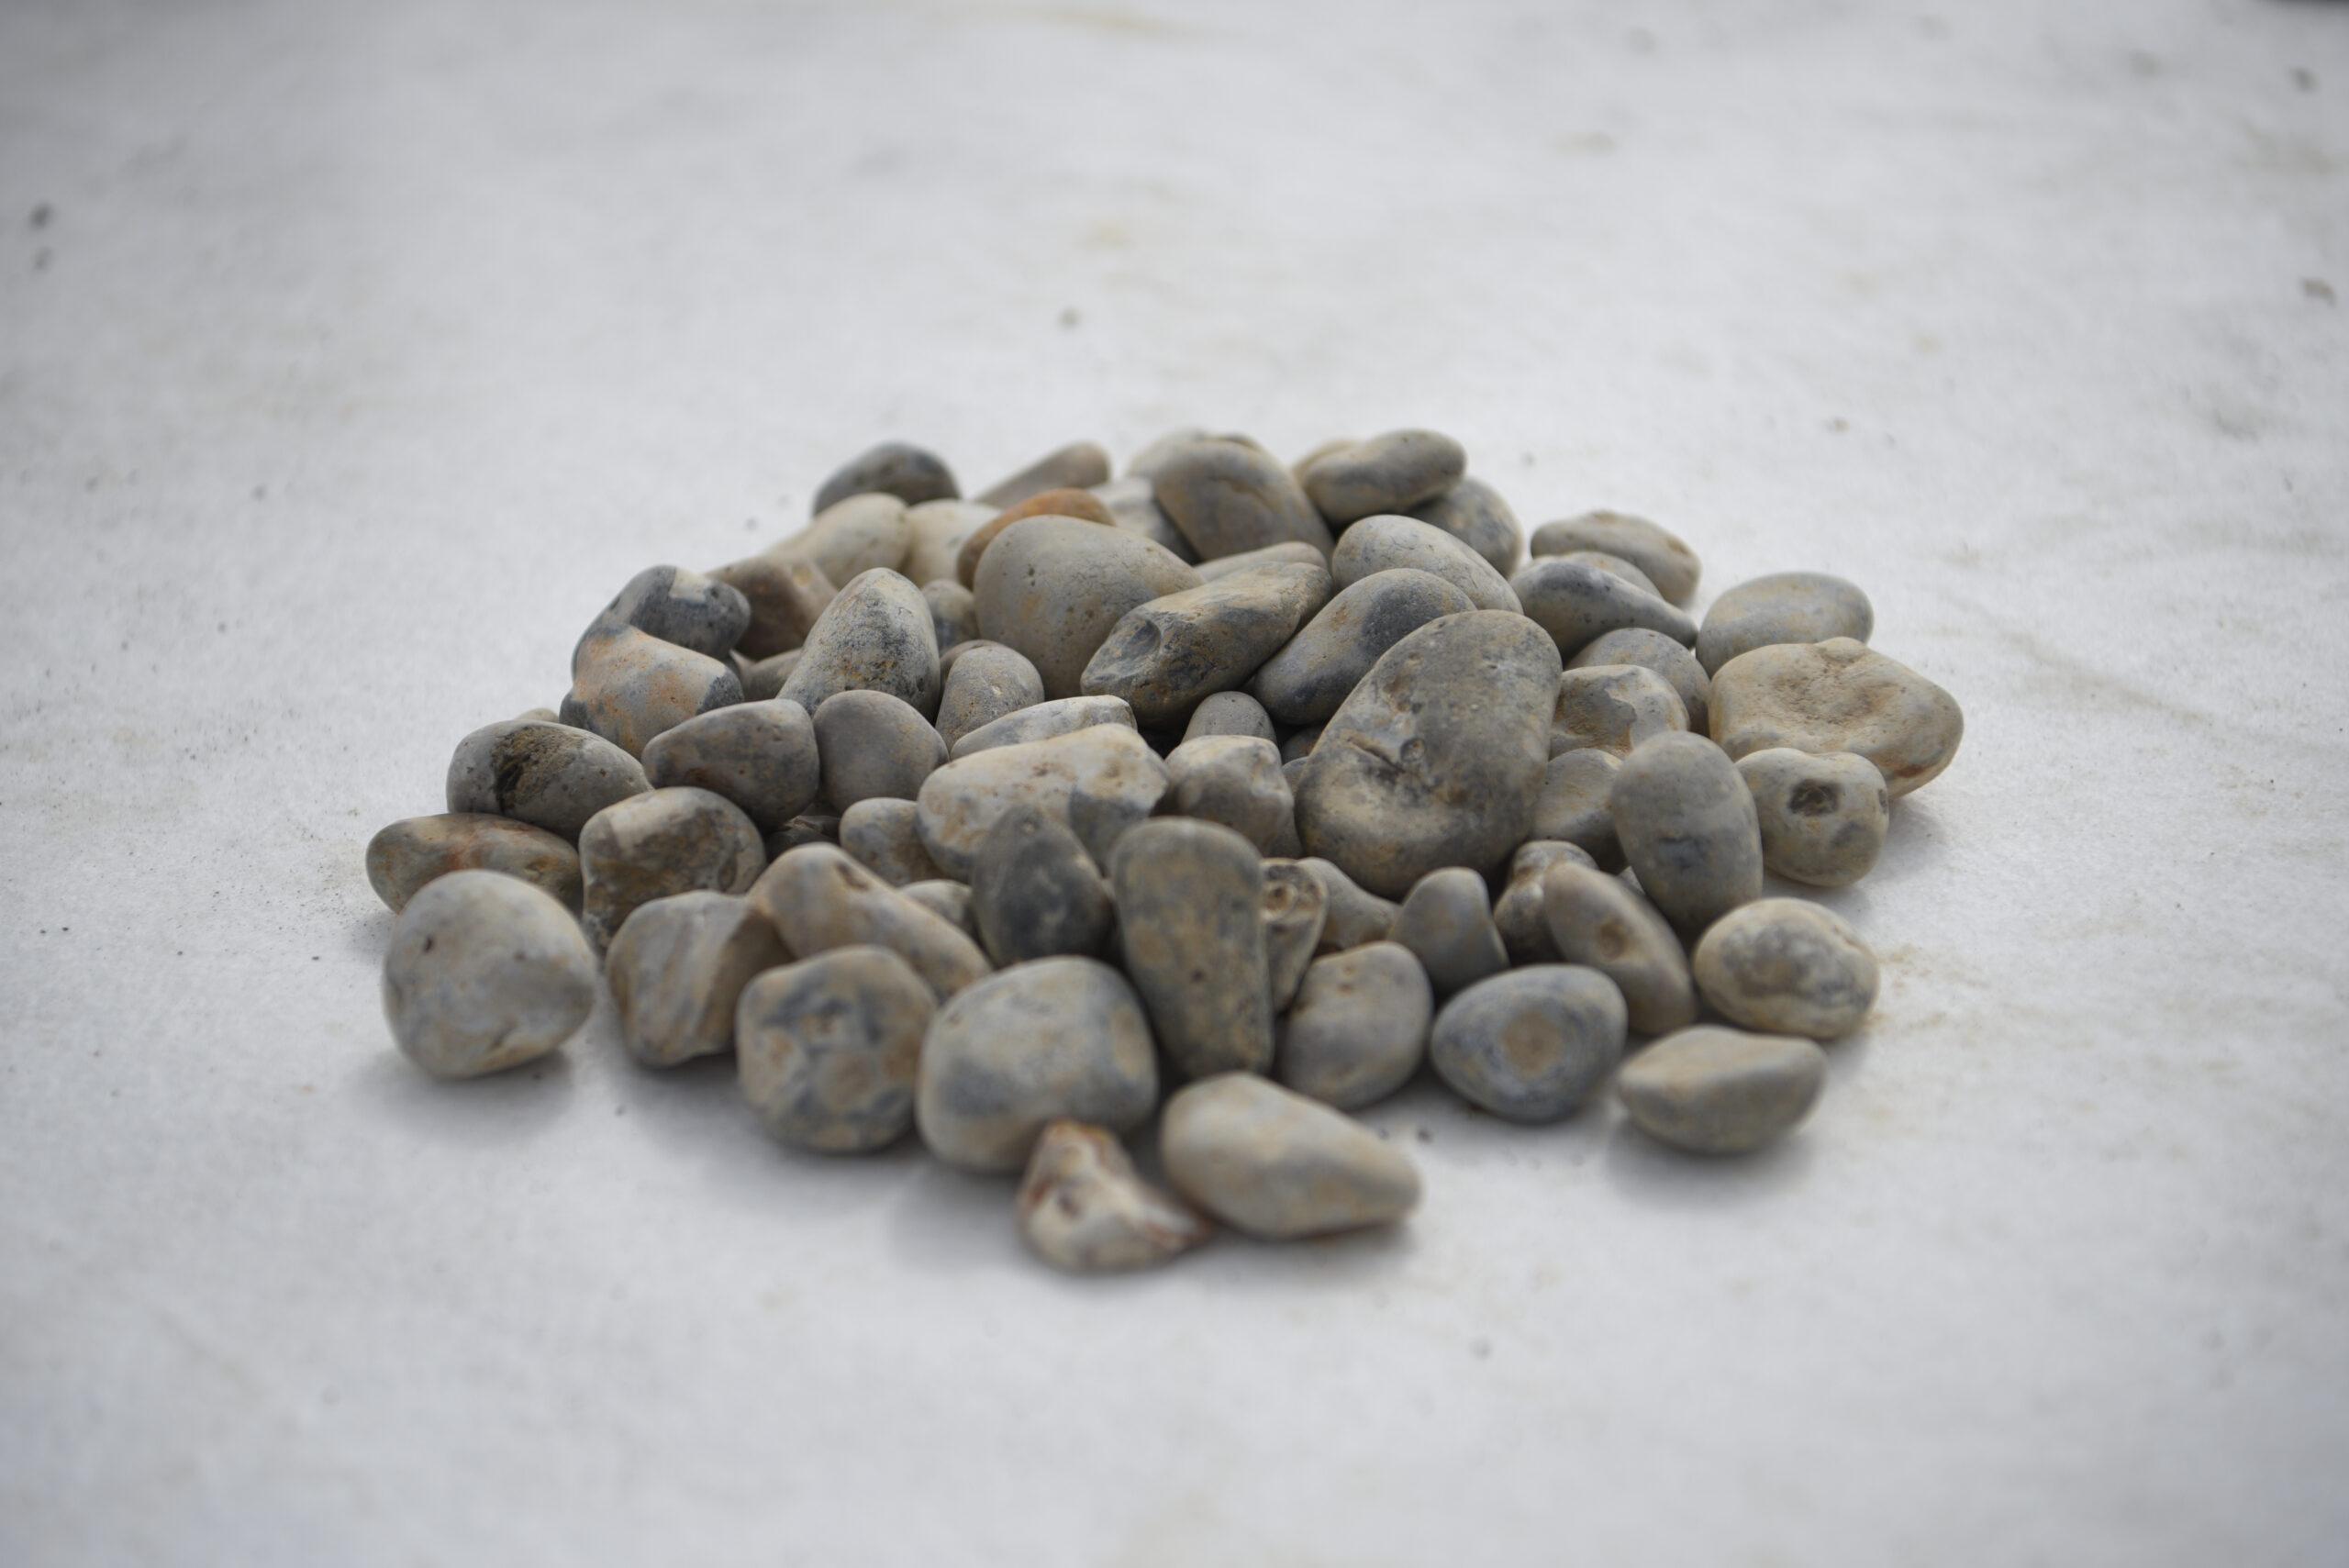 Stone Washed Ballast